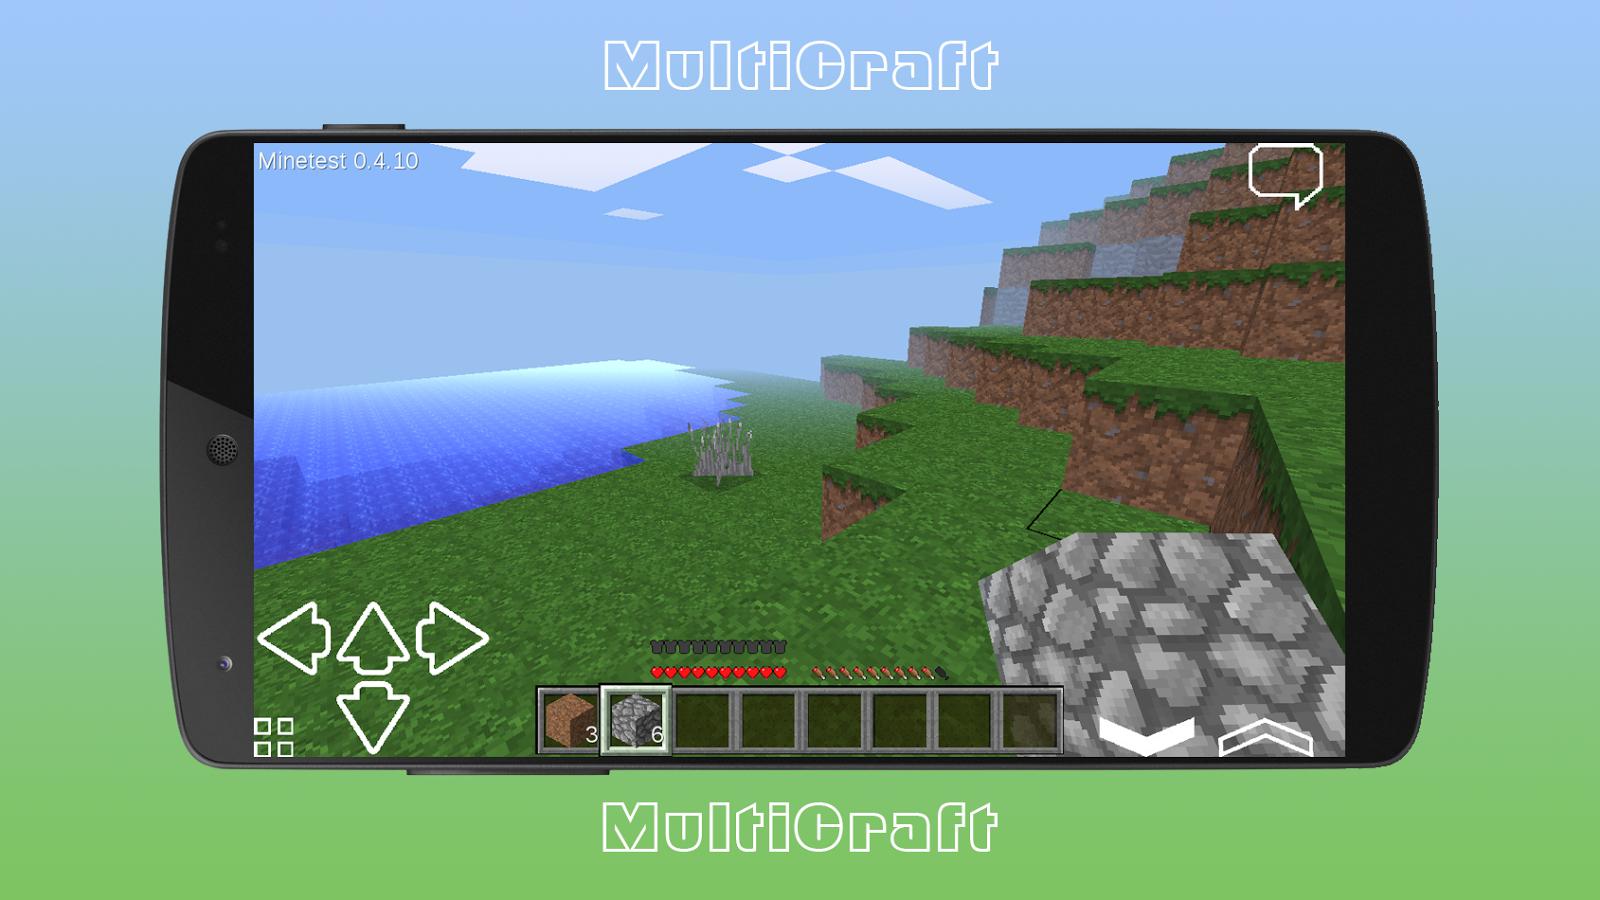 Descarga MultiCraft - Free Miner, juego gratis MEJOR que ... Multicraft